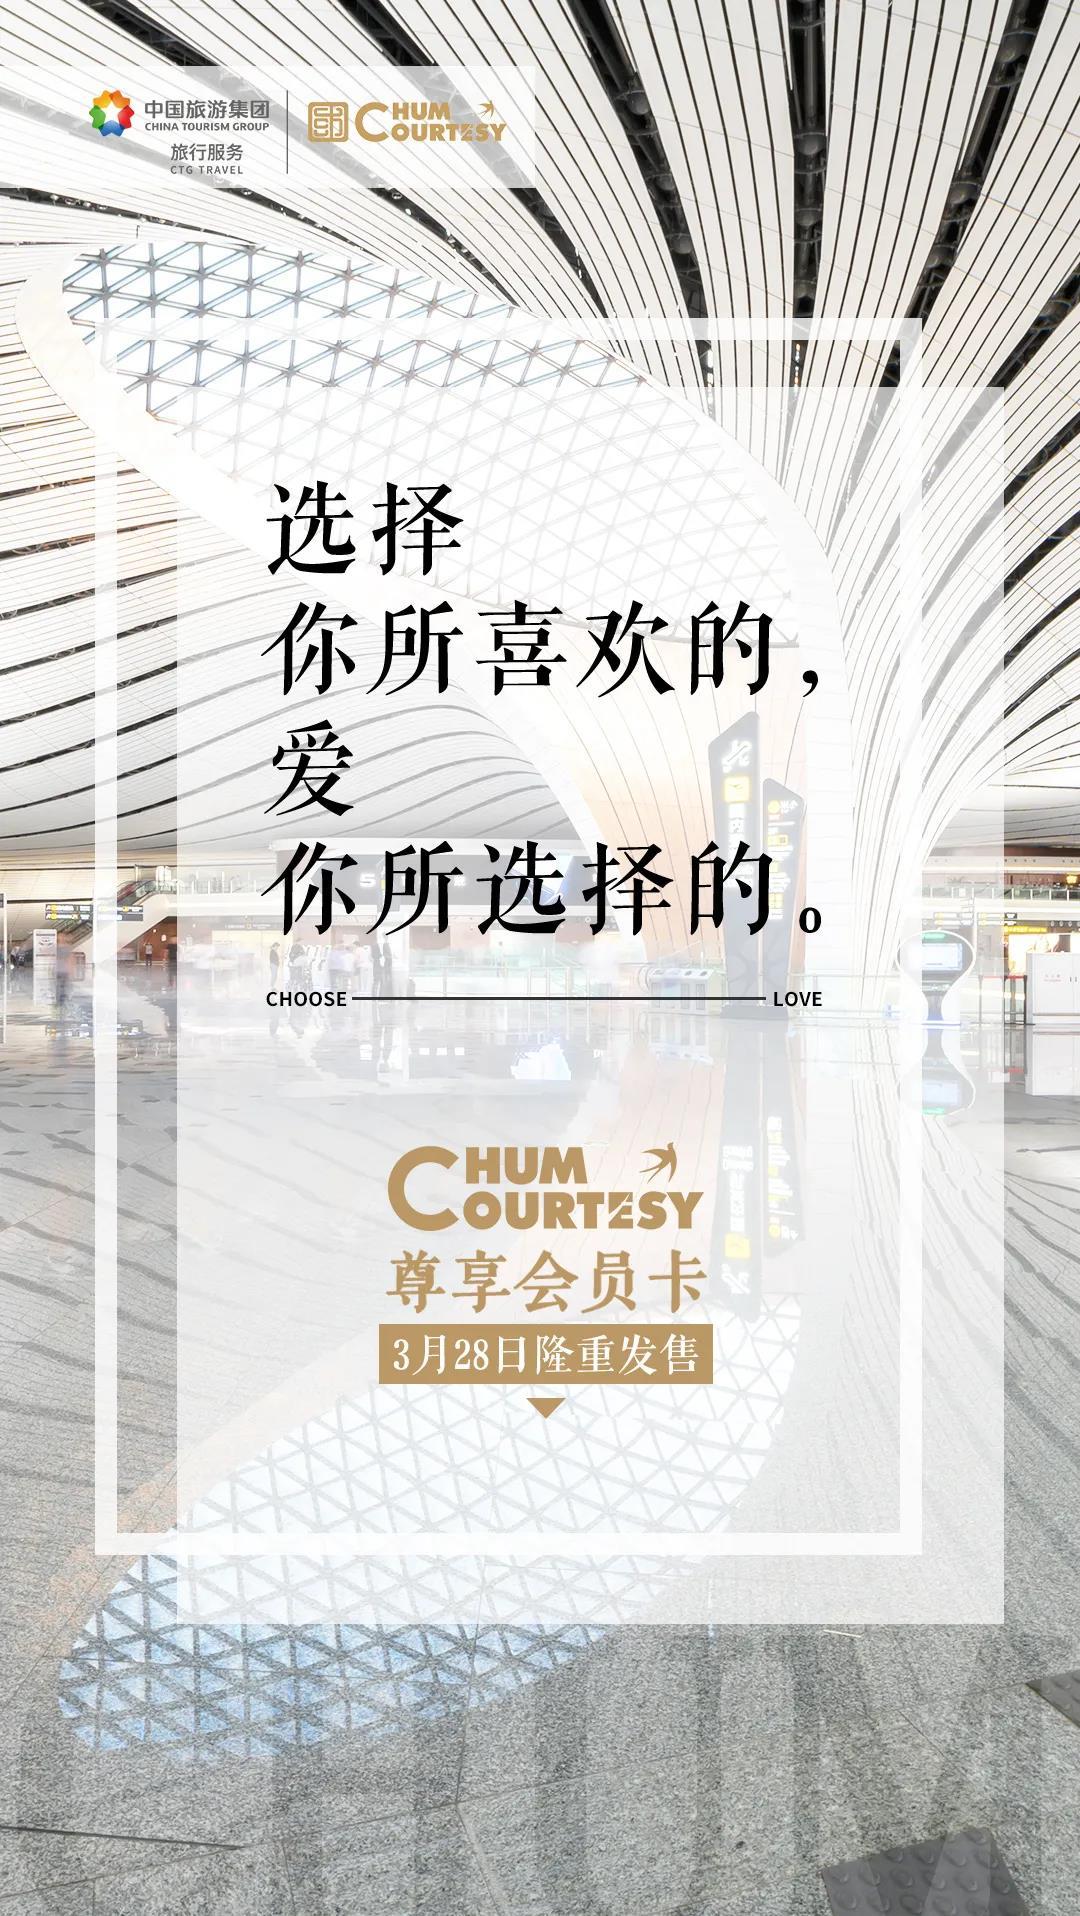 旅行分为 拥有CHUM & 一般旅行